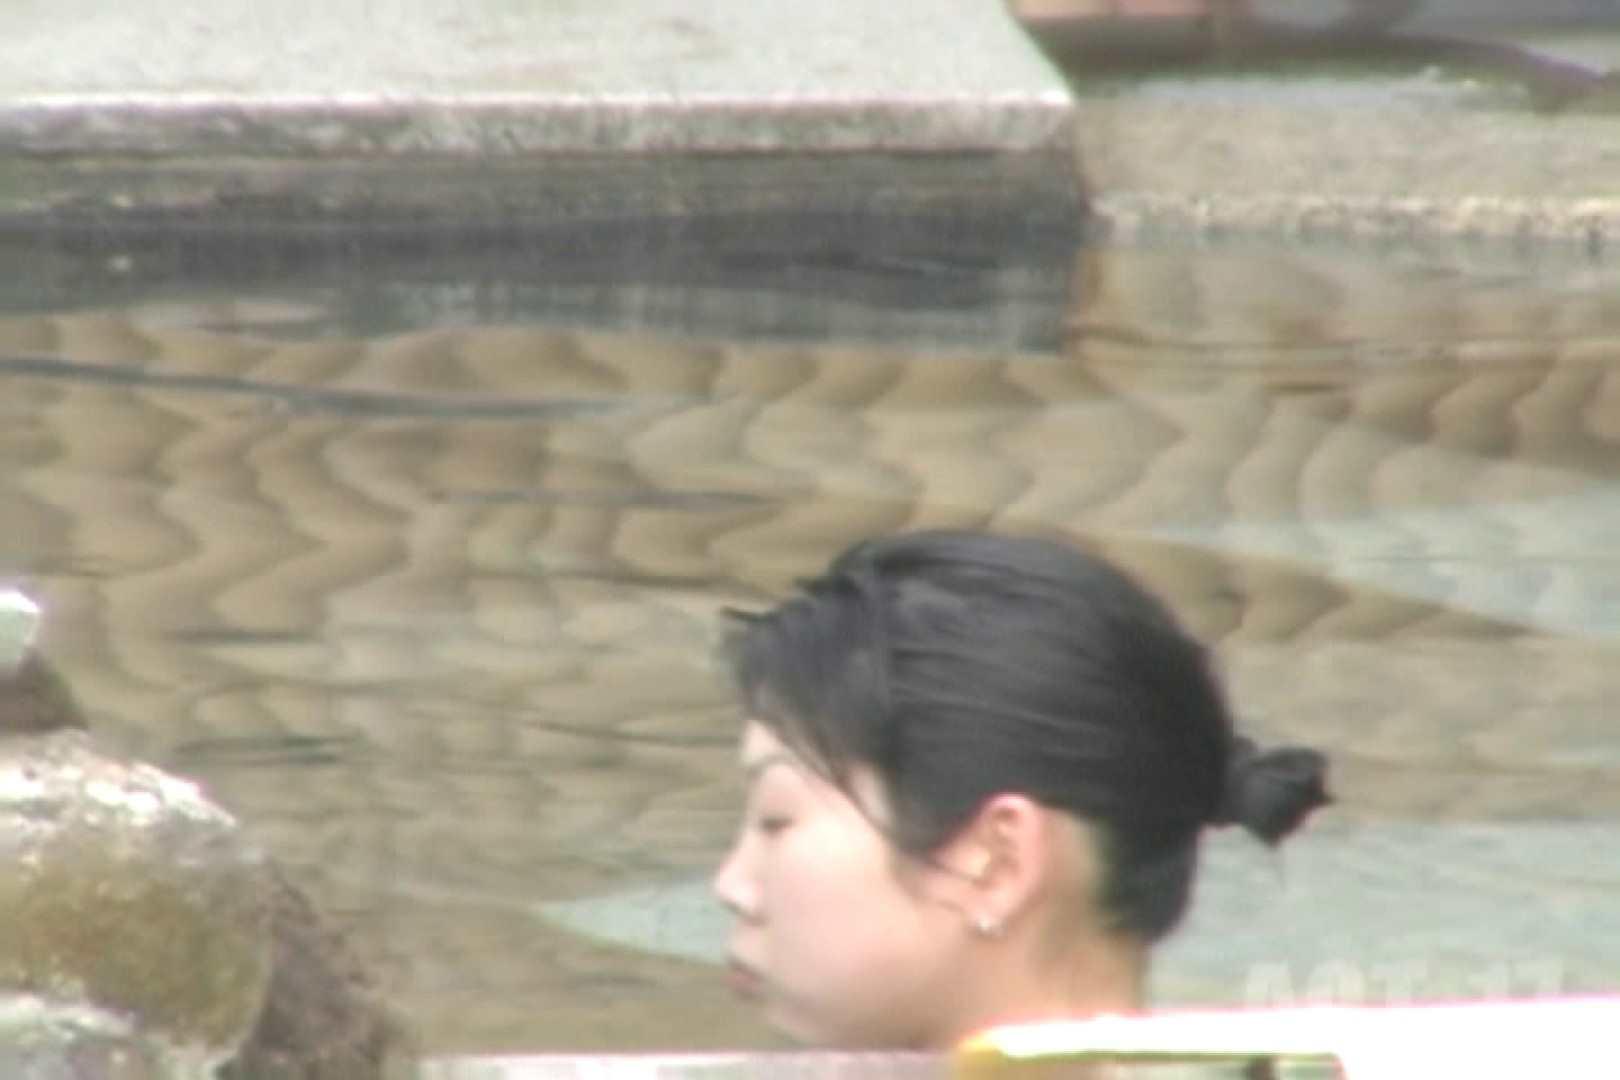 Aquaな露天風呂Vol.850 綺麗なOLたち | 盗撮  72枚 49